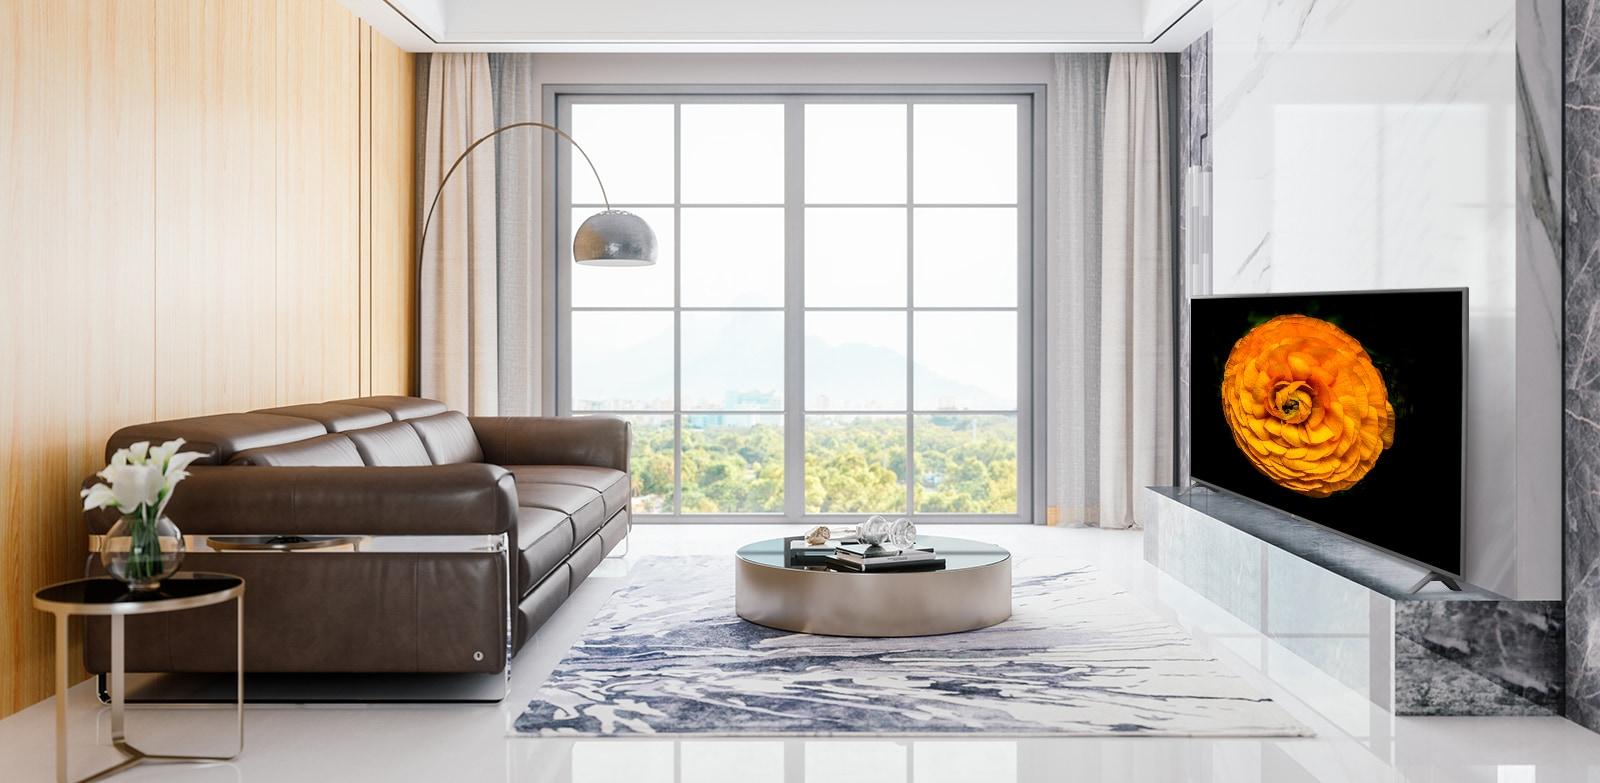 Televízor LG UHD TV na stene v obývačke zariadenej v minimalistickom dizajne. Na obrazovke televízora je zobrazený kvet.